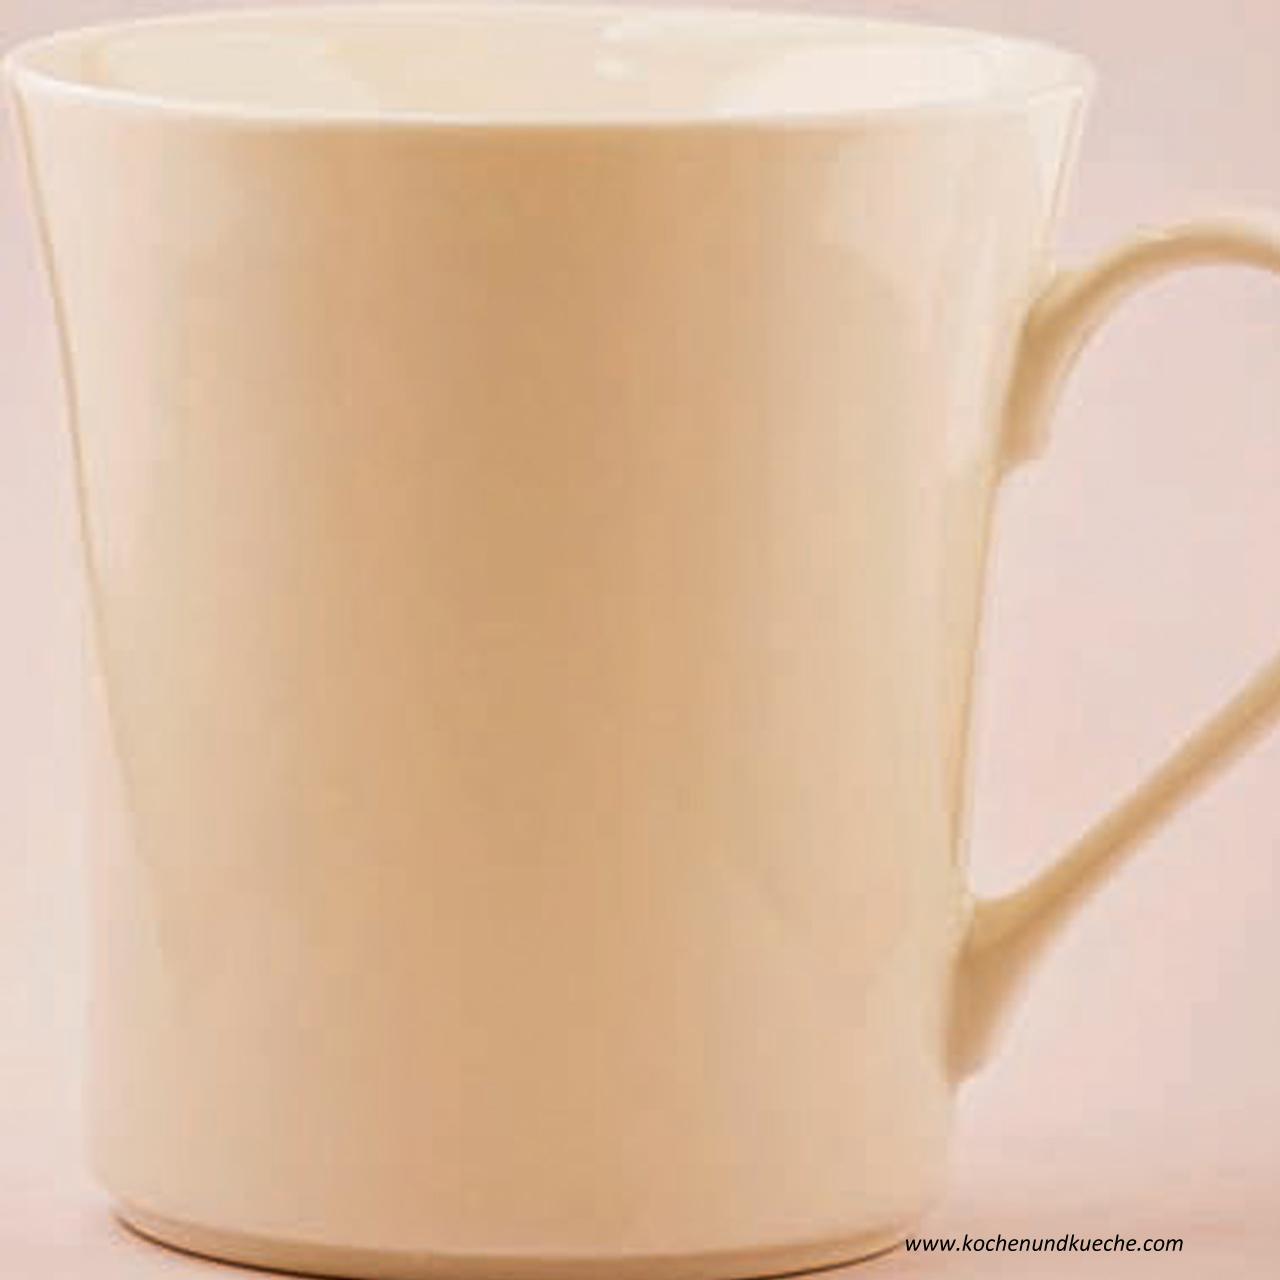 Mengenangaben und ma e in rezepten tasse und becher - Reis kochen tasse ...